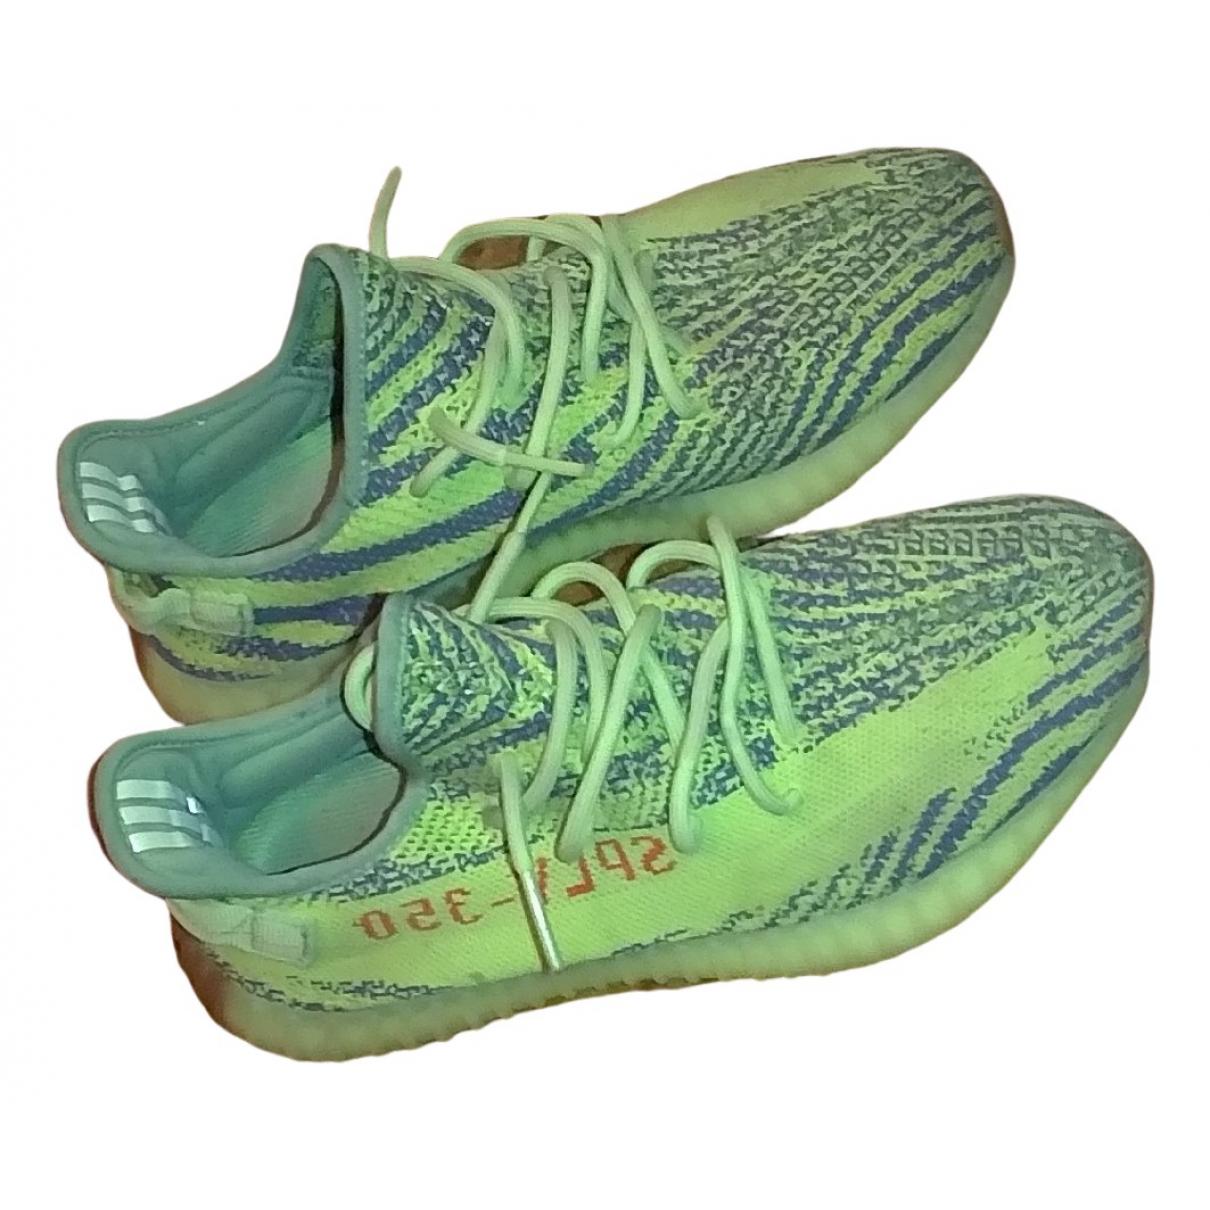 Yeezy X Adidas - Baskets Boost 350 V2 pour homme en caoutchouc - jaune